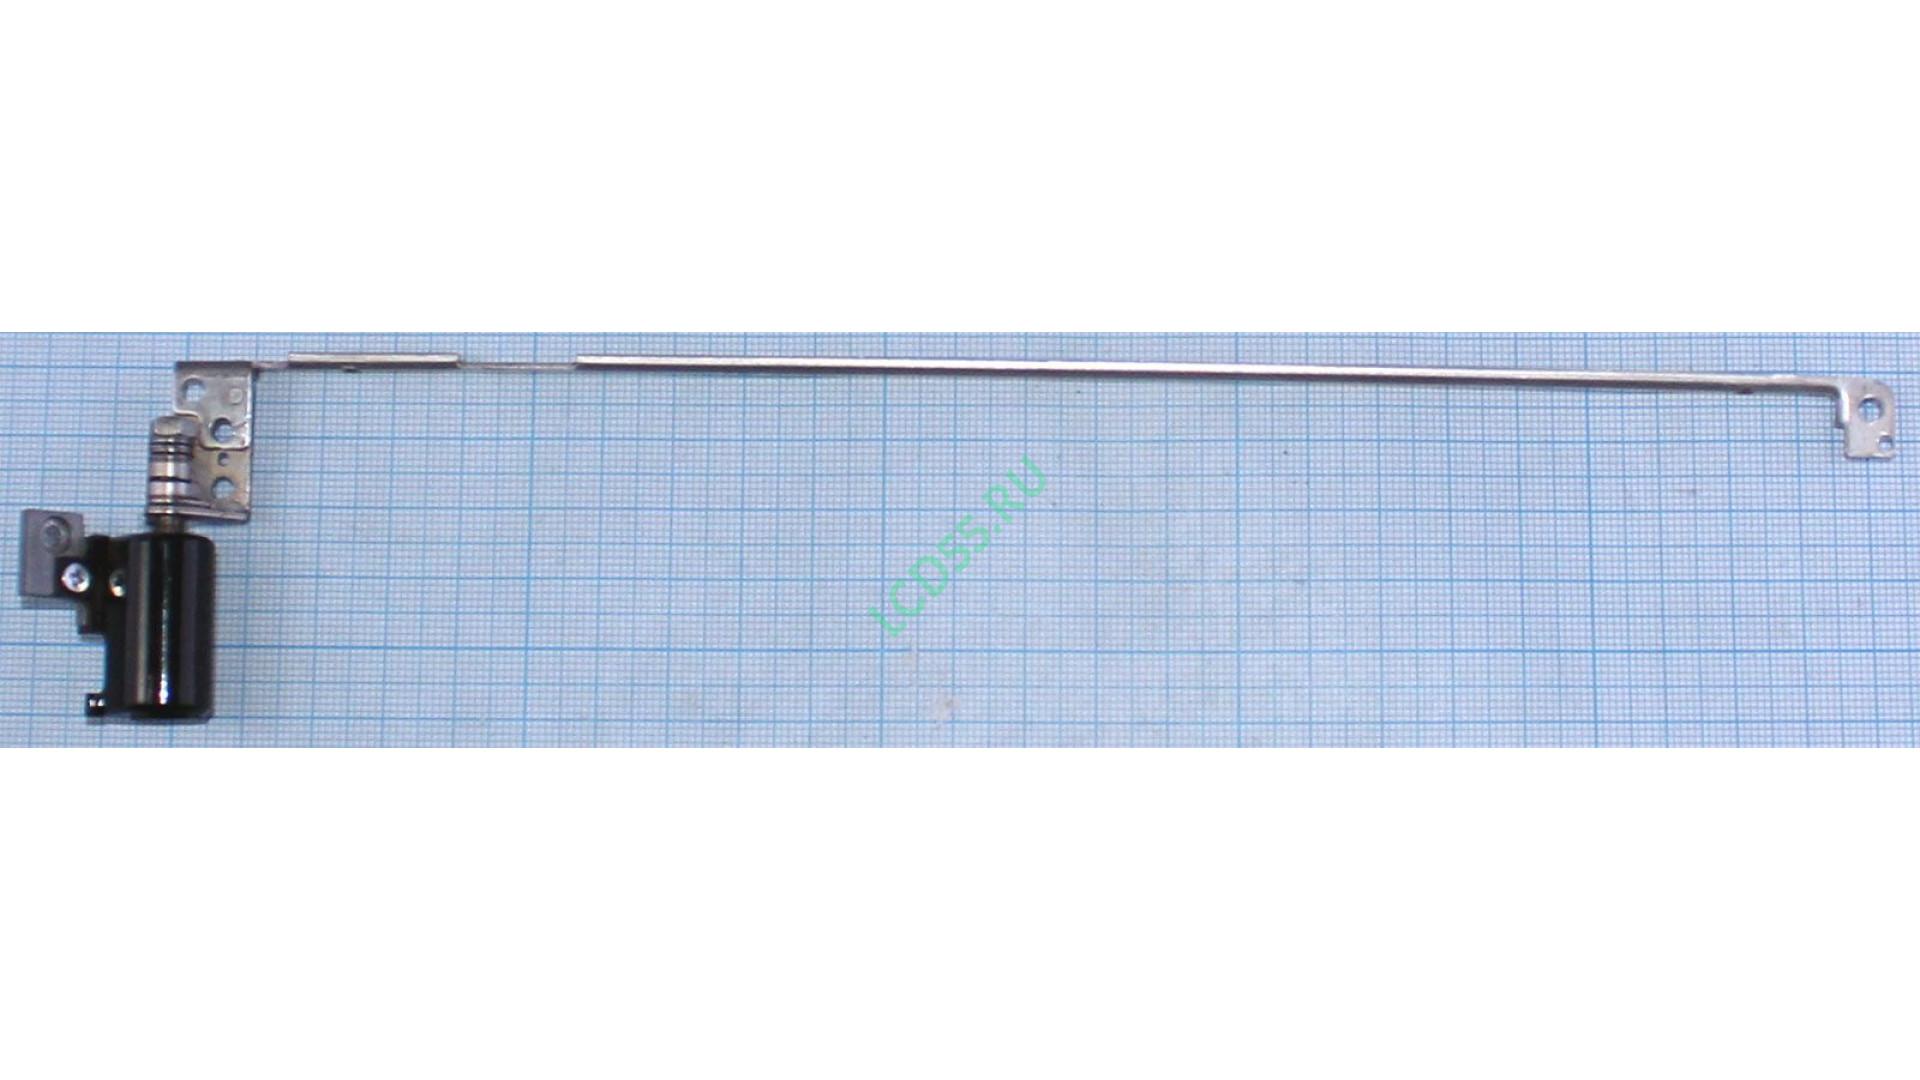 Петля левая HP Pavilion dv6000 (FBAT8063018)